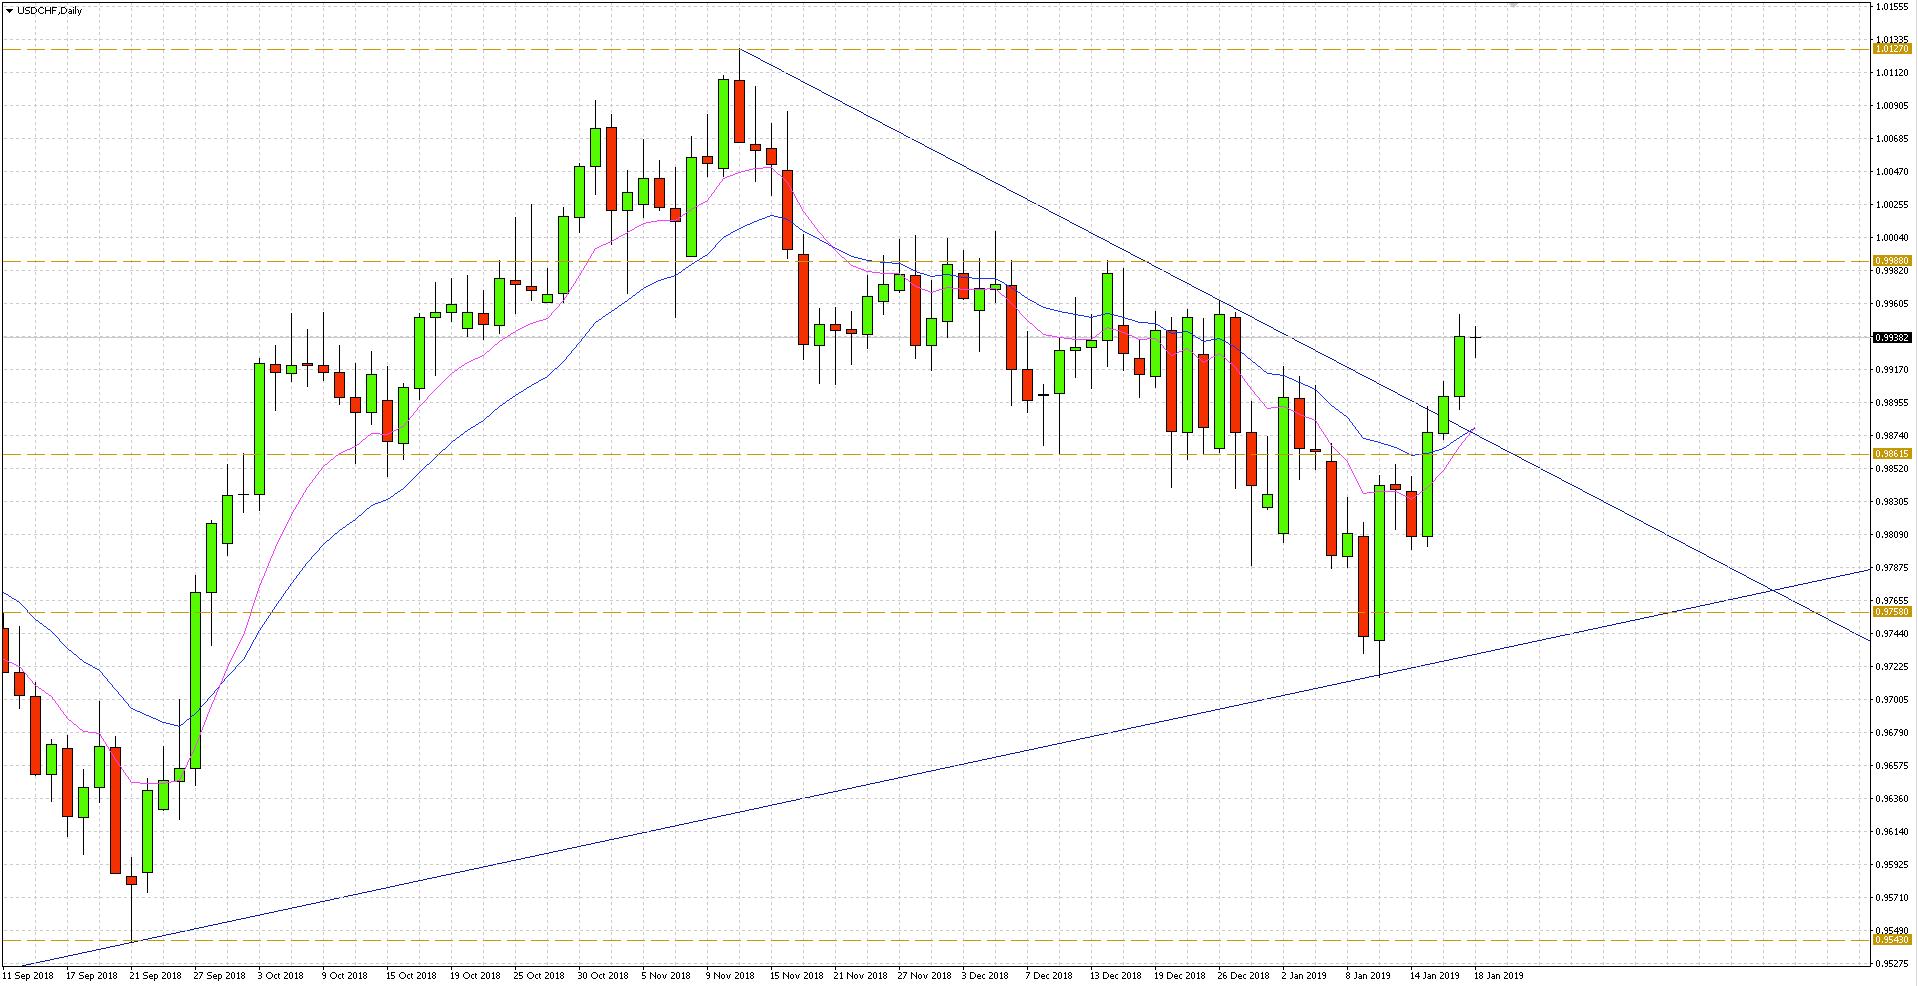 Relatywnie silny dolar i słaby frank zapewnił w tym tygodniu przełamanie strefy konfluencji na USD/CHF, gdzie horyzontalny poziom 0.9860 zbiegł się z linią trendu spadkowego biegnącą od ubiegłorocznych maksimów.